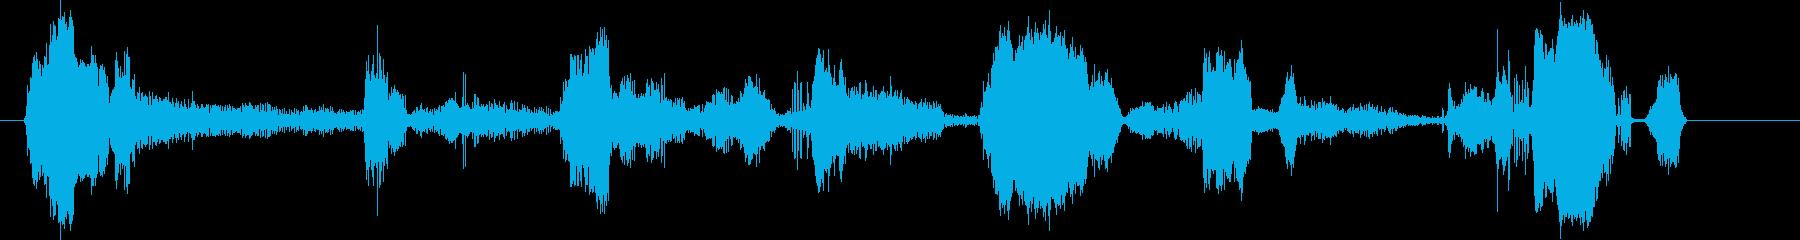 プーマ(クーガー)うなり声。グルー...の再生済みの波形